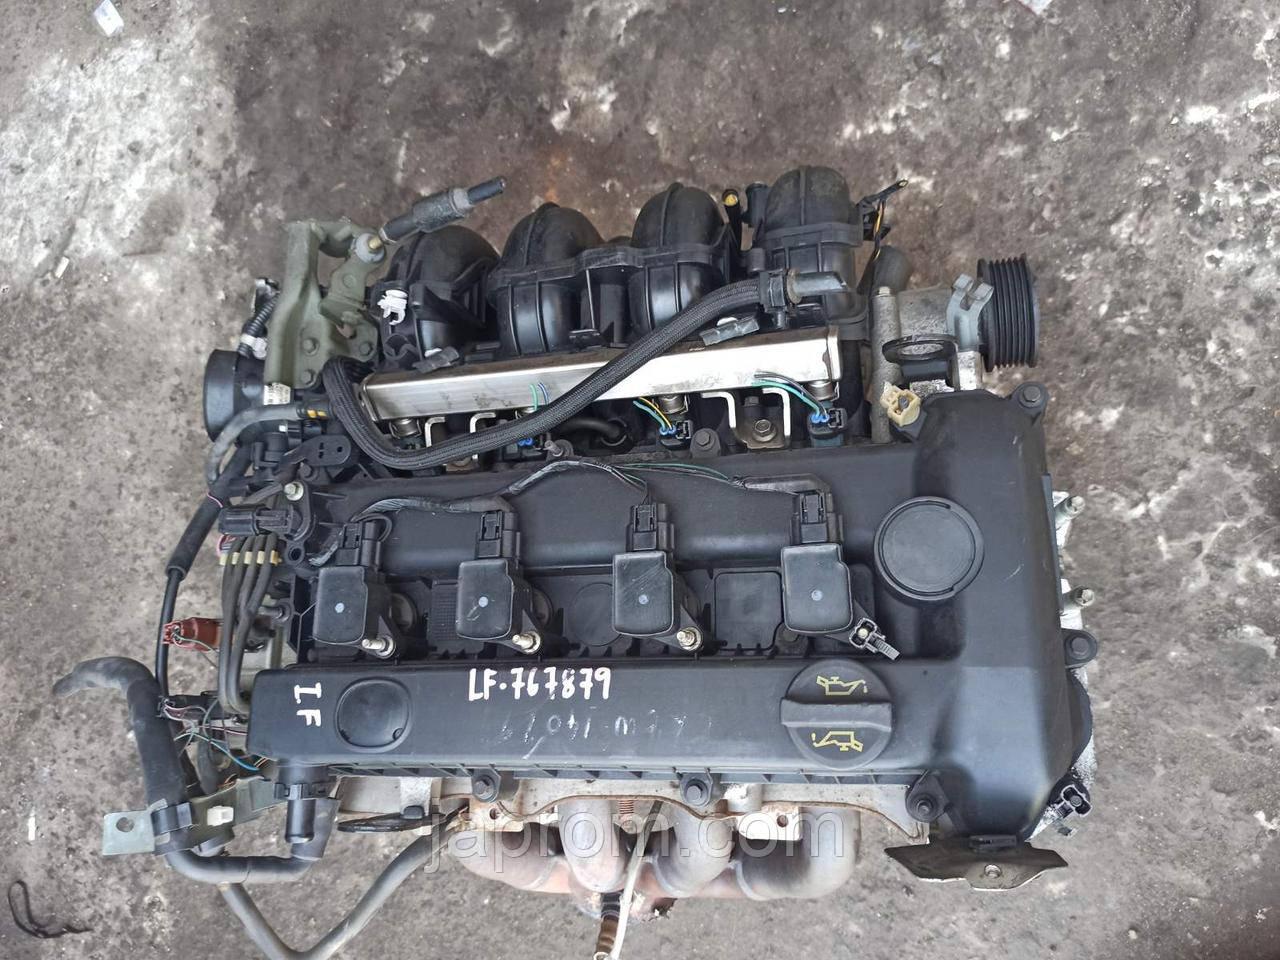 Мотор (Двигатель) Mazda Мазда 6 GG MPV 2.0 бензин 16V LF 17 2003-0.6г.в.